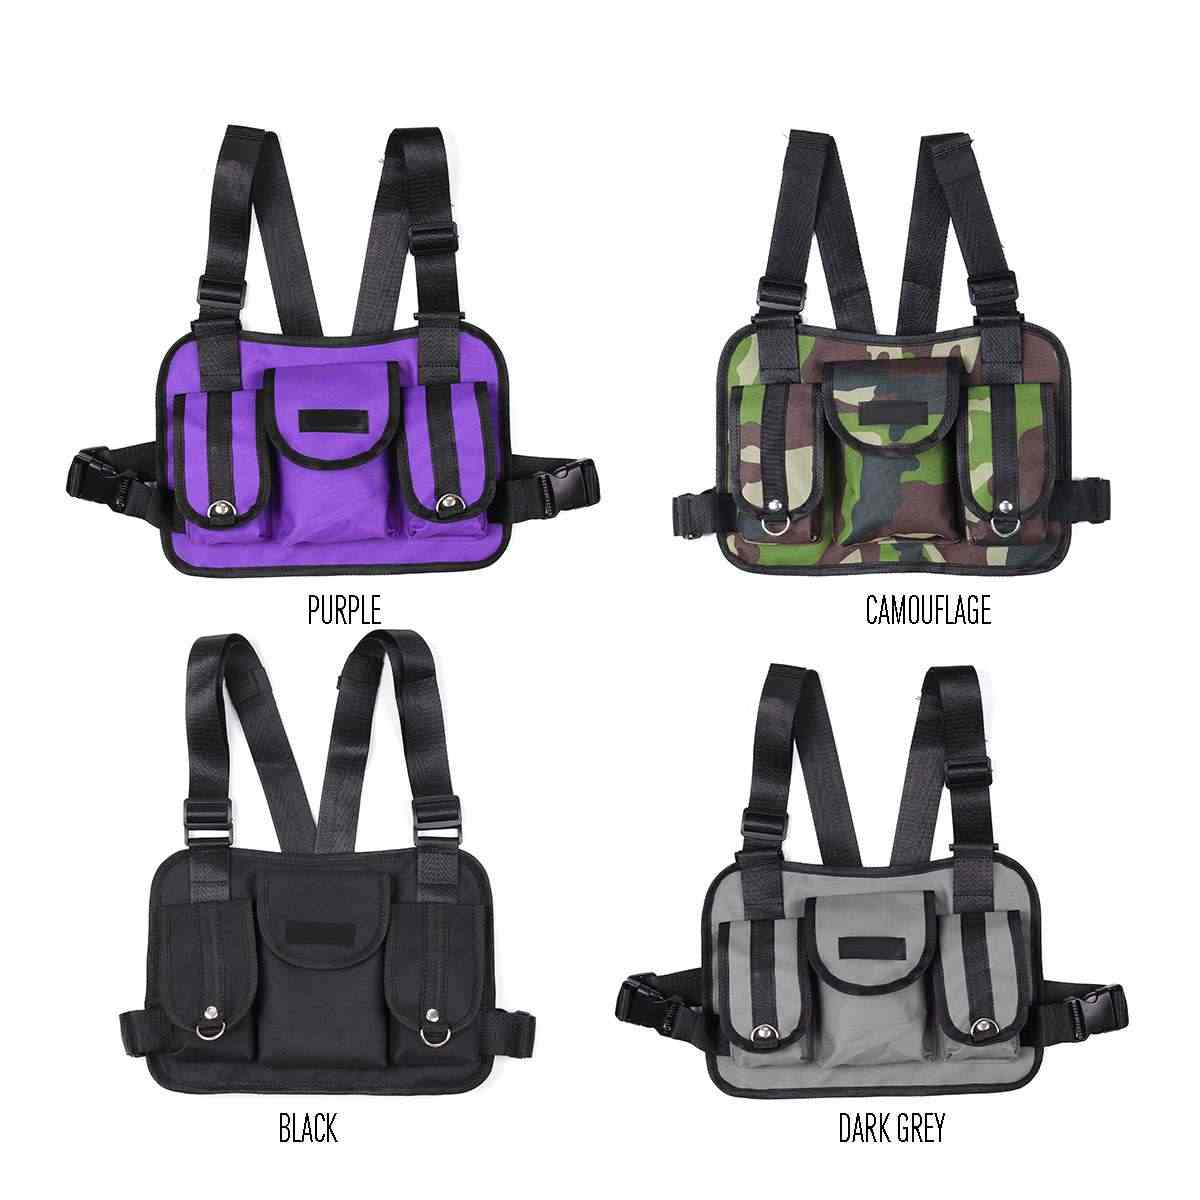 4 色のホットファッション胸リグヒップホップストリート戦術胸バッグクロスショルダーバッグ